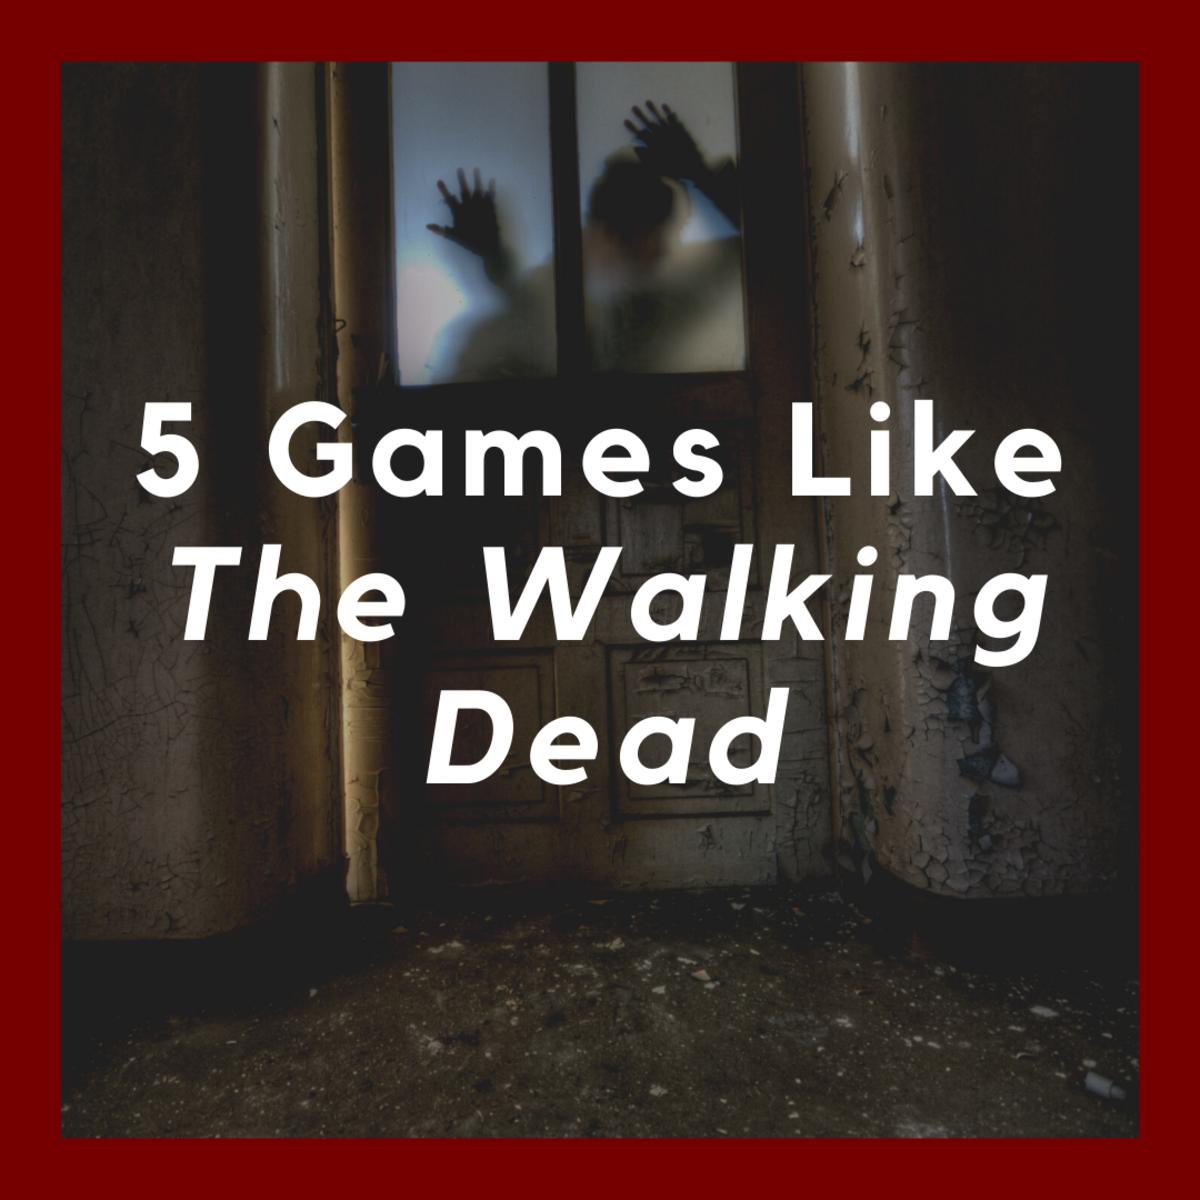 5 Games Like